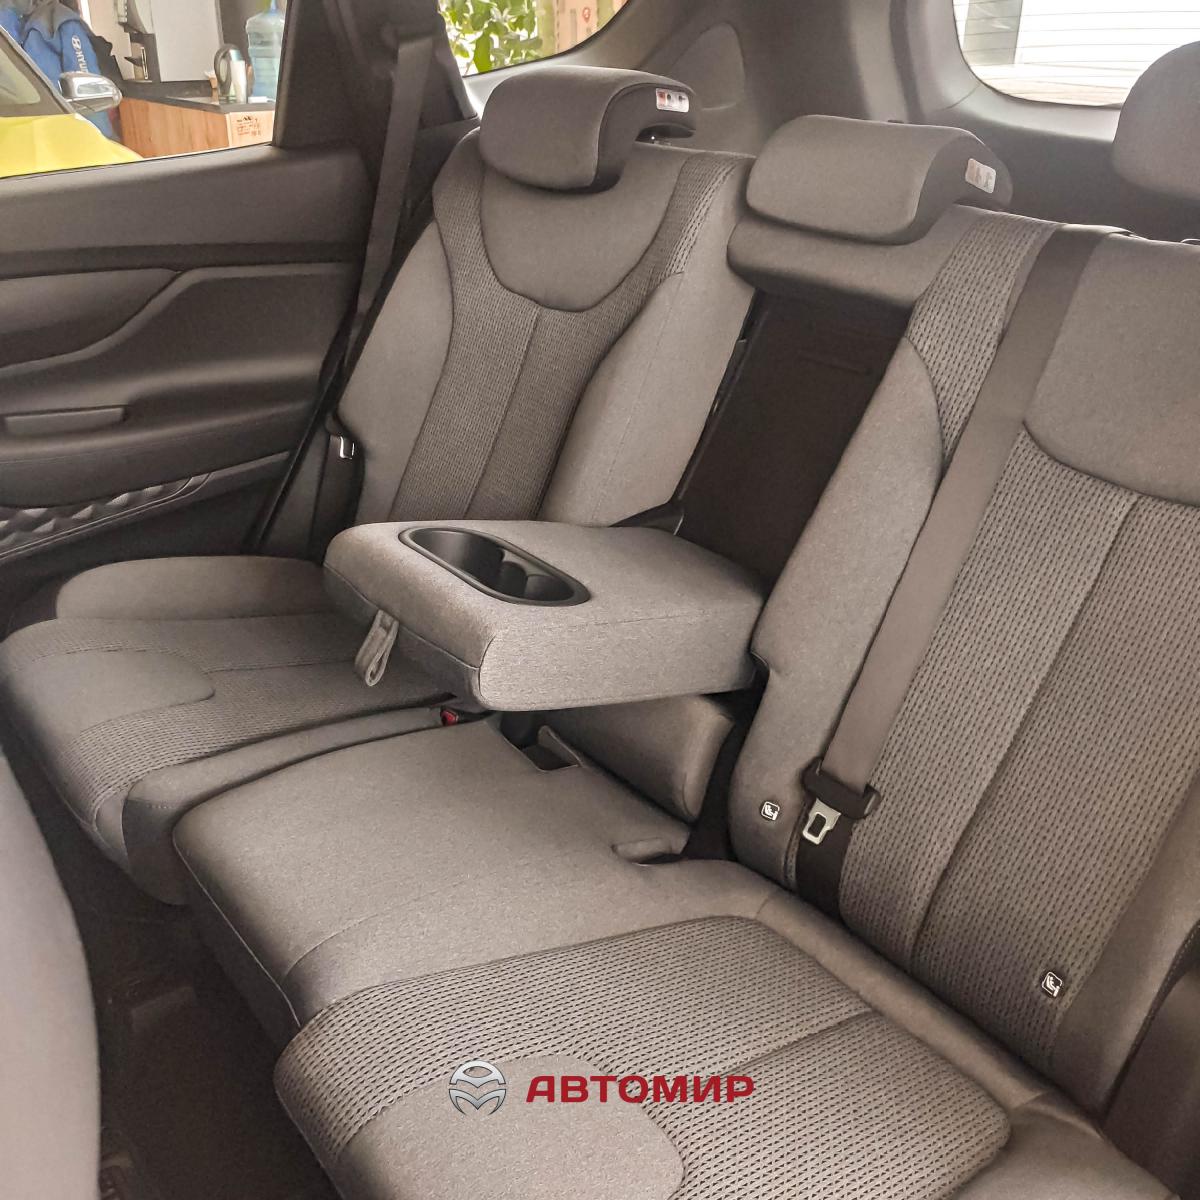 Теплі функції автомобілів Hyundai   Едем-Авто - фото 9